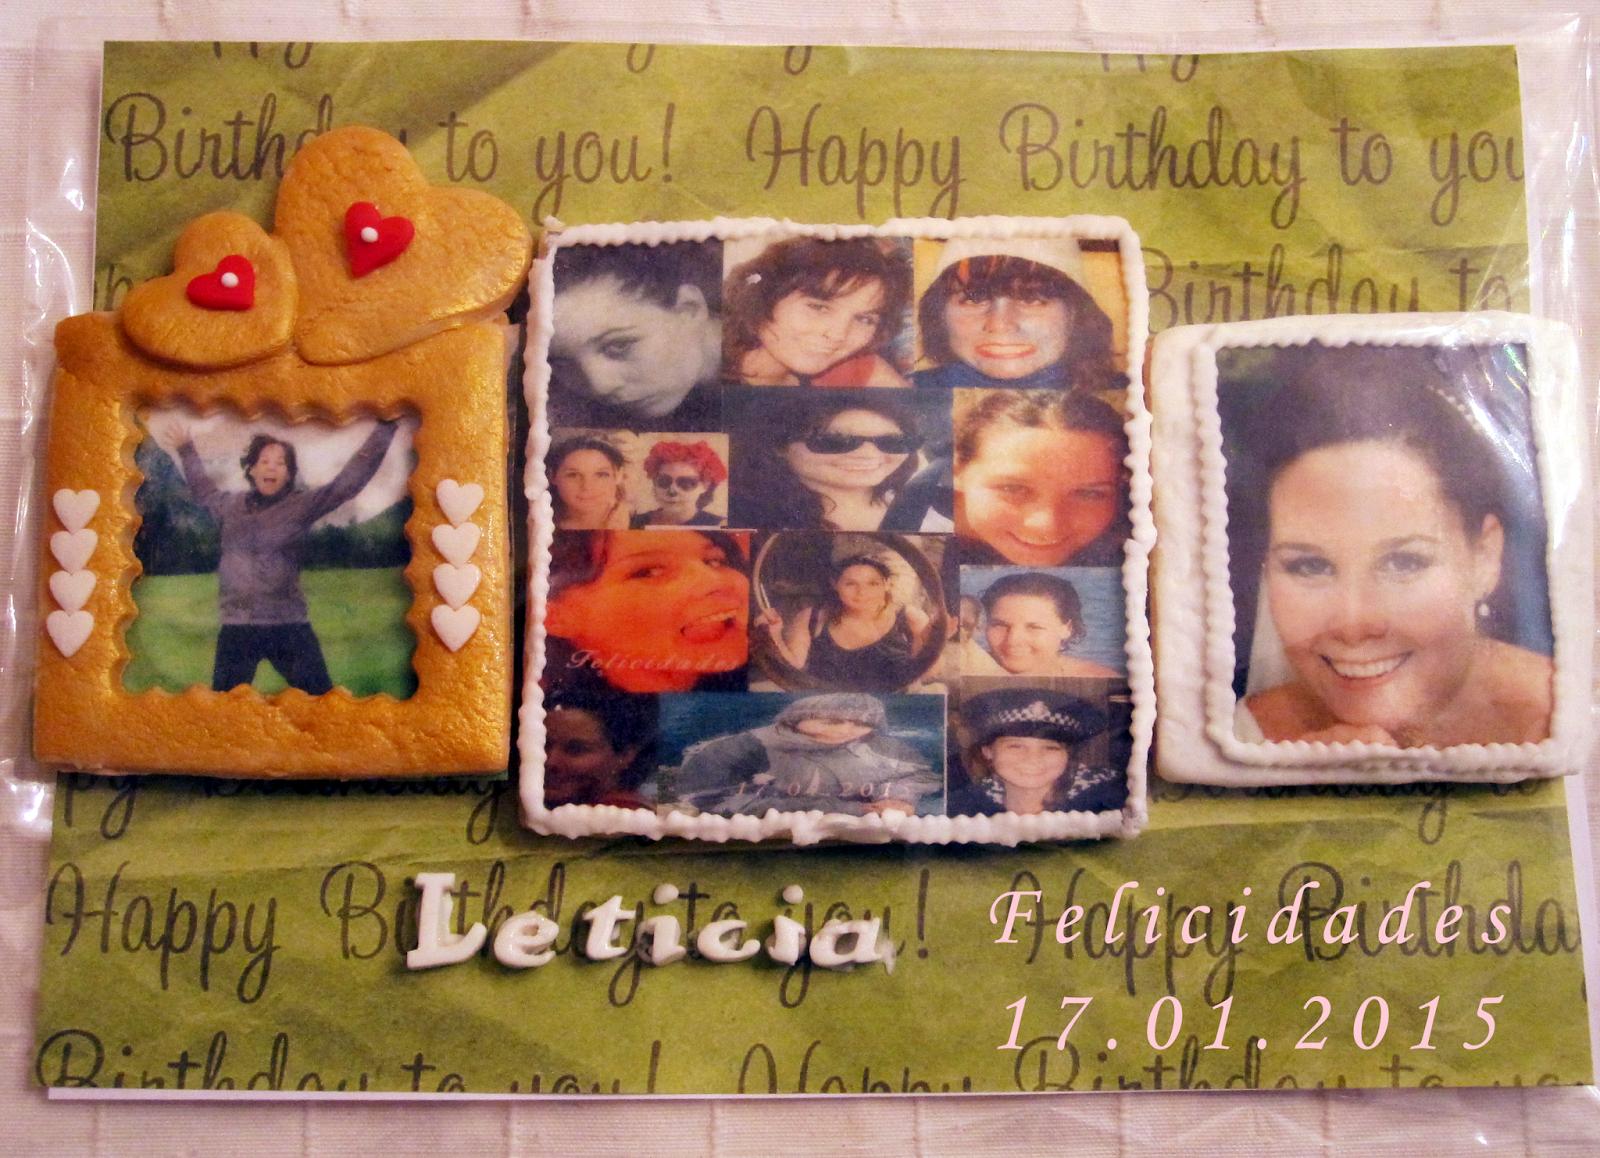 Mon Miracles: Galletas personalizadas para cumpleaños | galletas ...